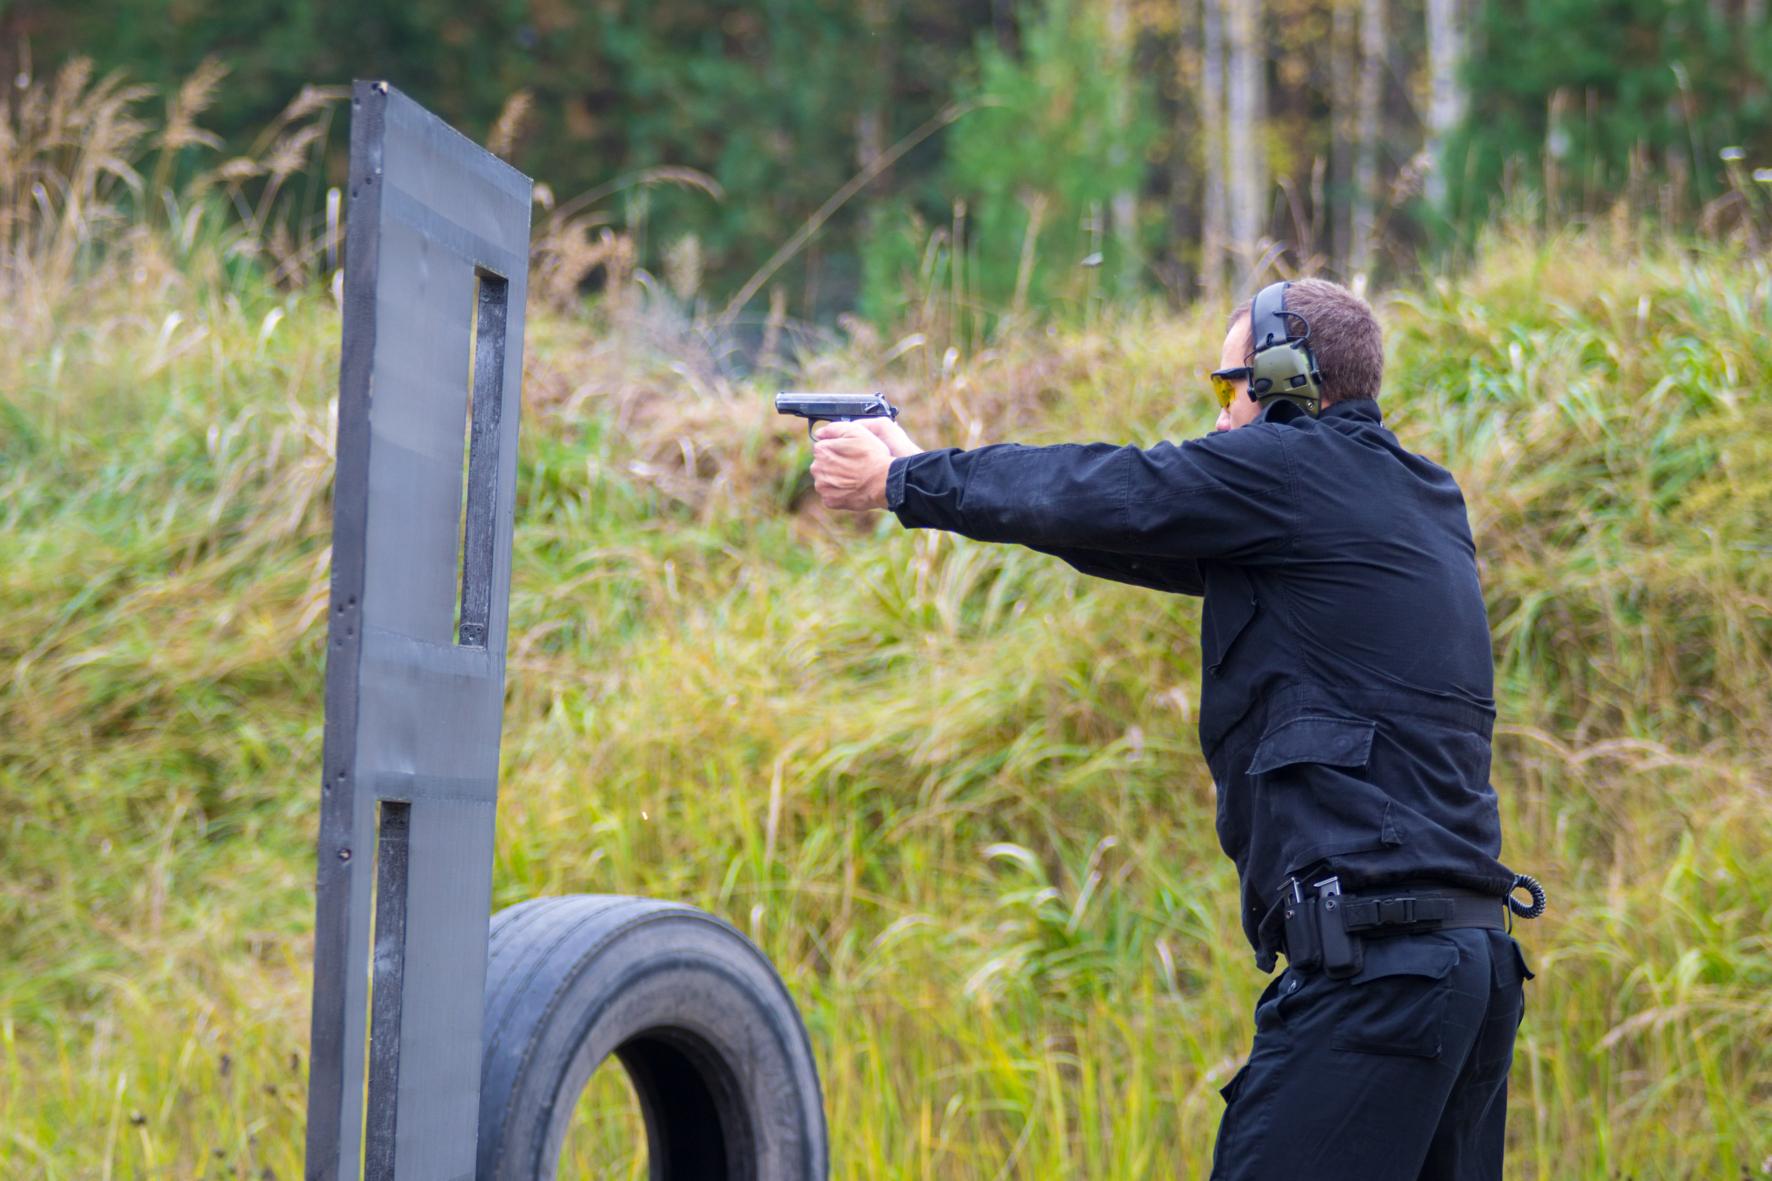 В Кирове состоялся Открытый турнир по практической стрельбе из пистолета на полигоне Бурмакино